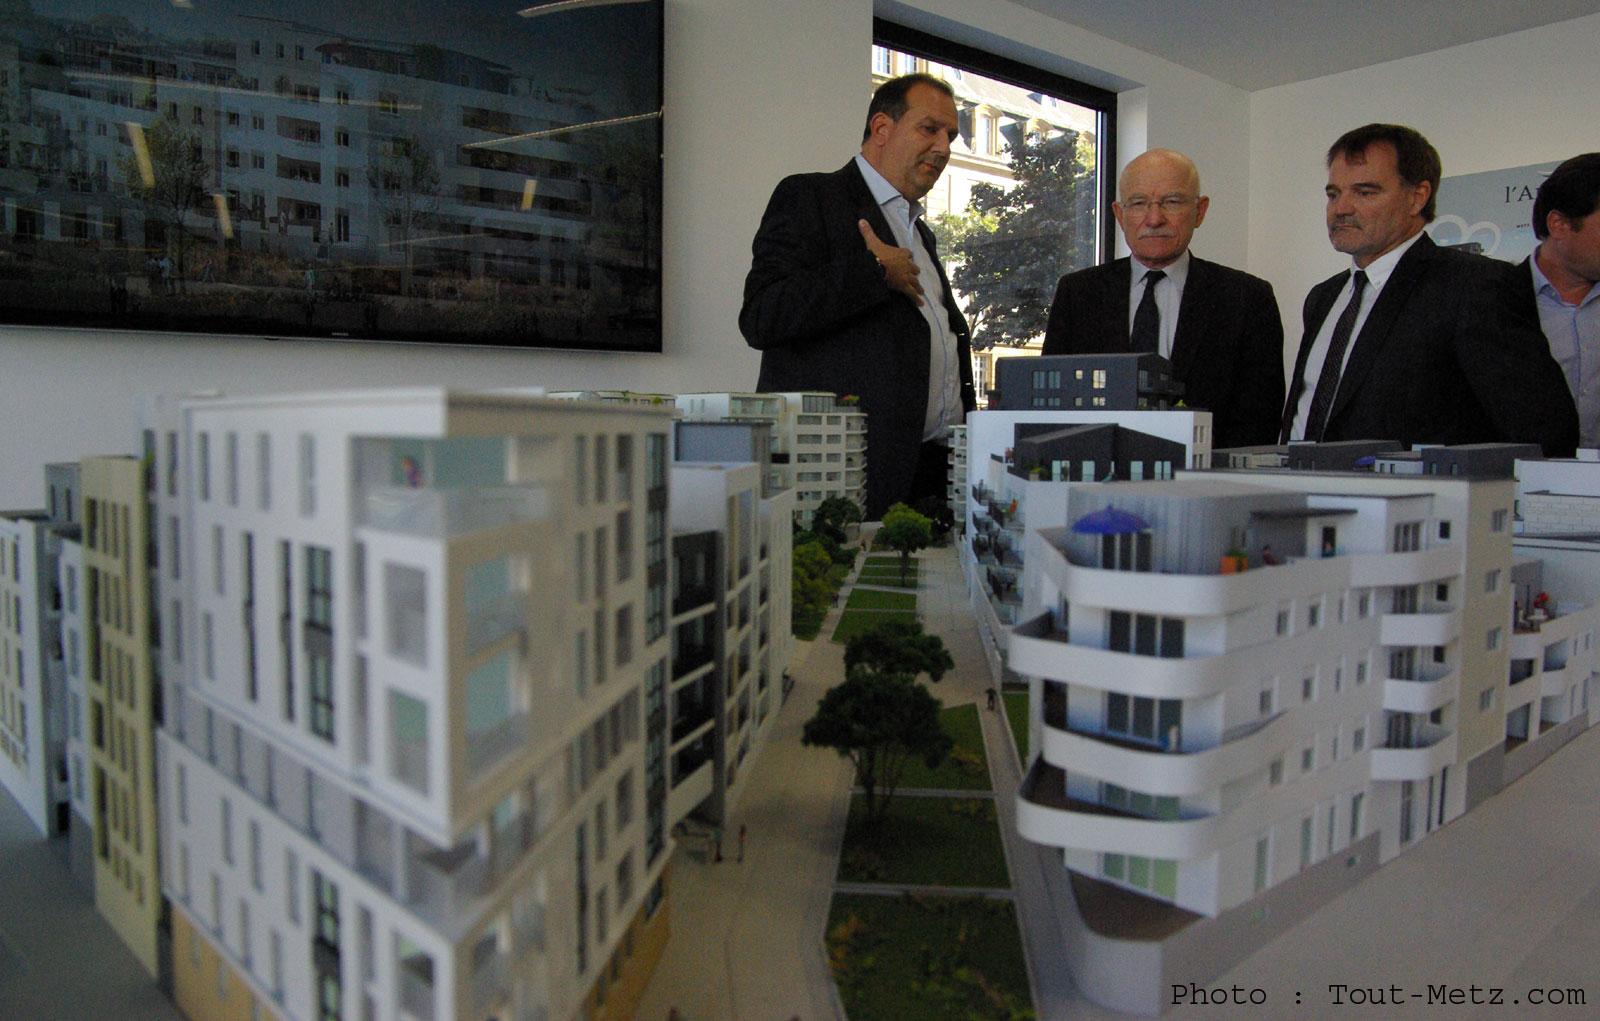 Metz : une maquette détaillée dévoile les logements qui remplaceront Bon-Secours (photo et vidéo)